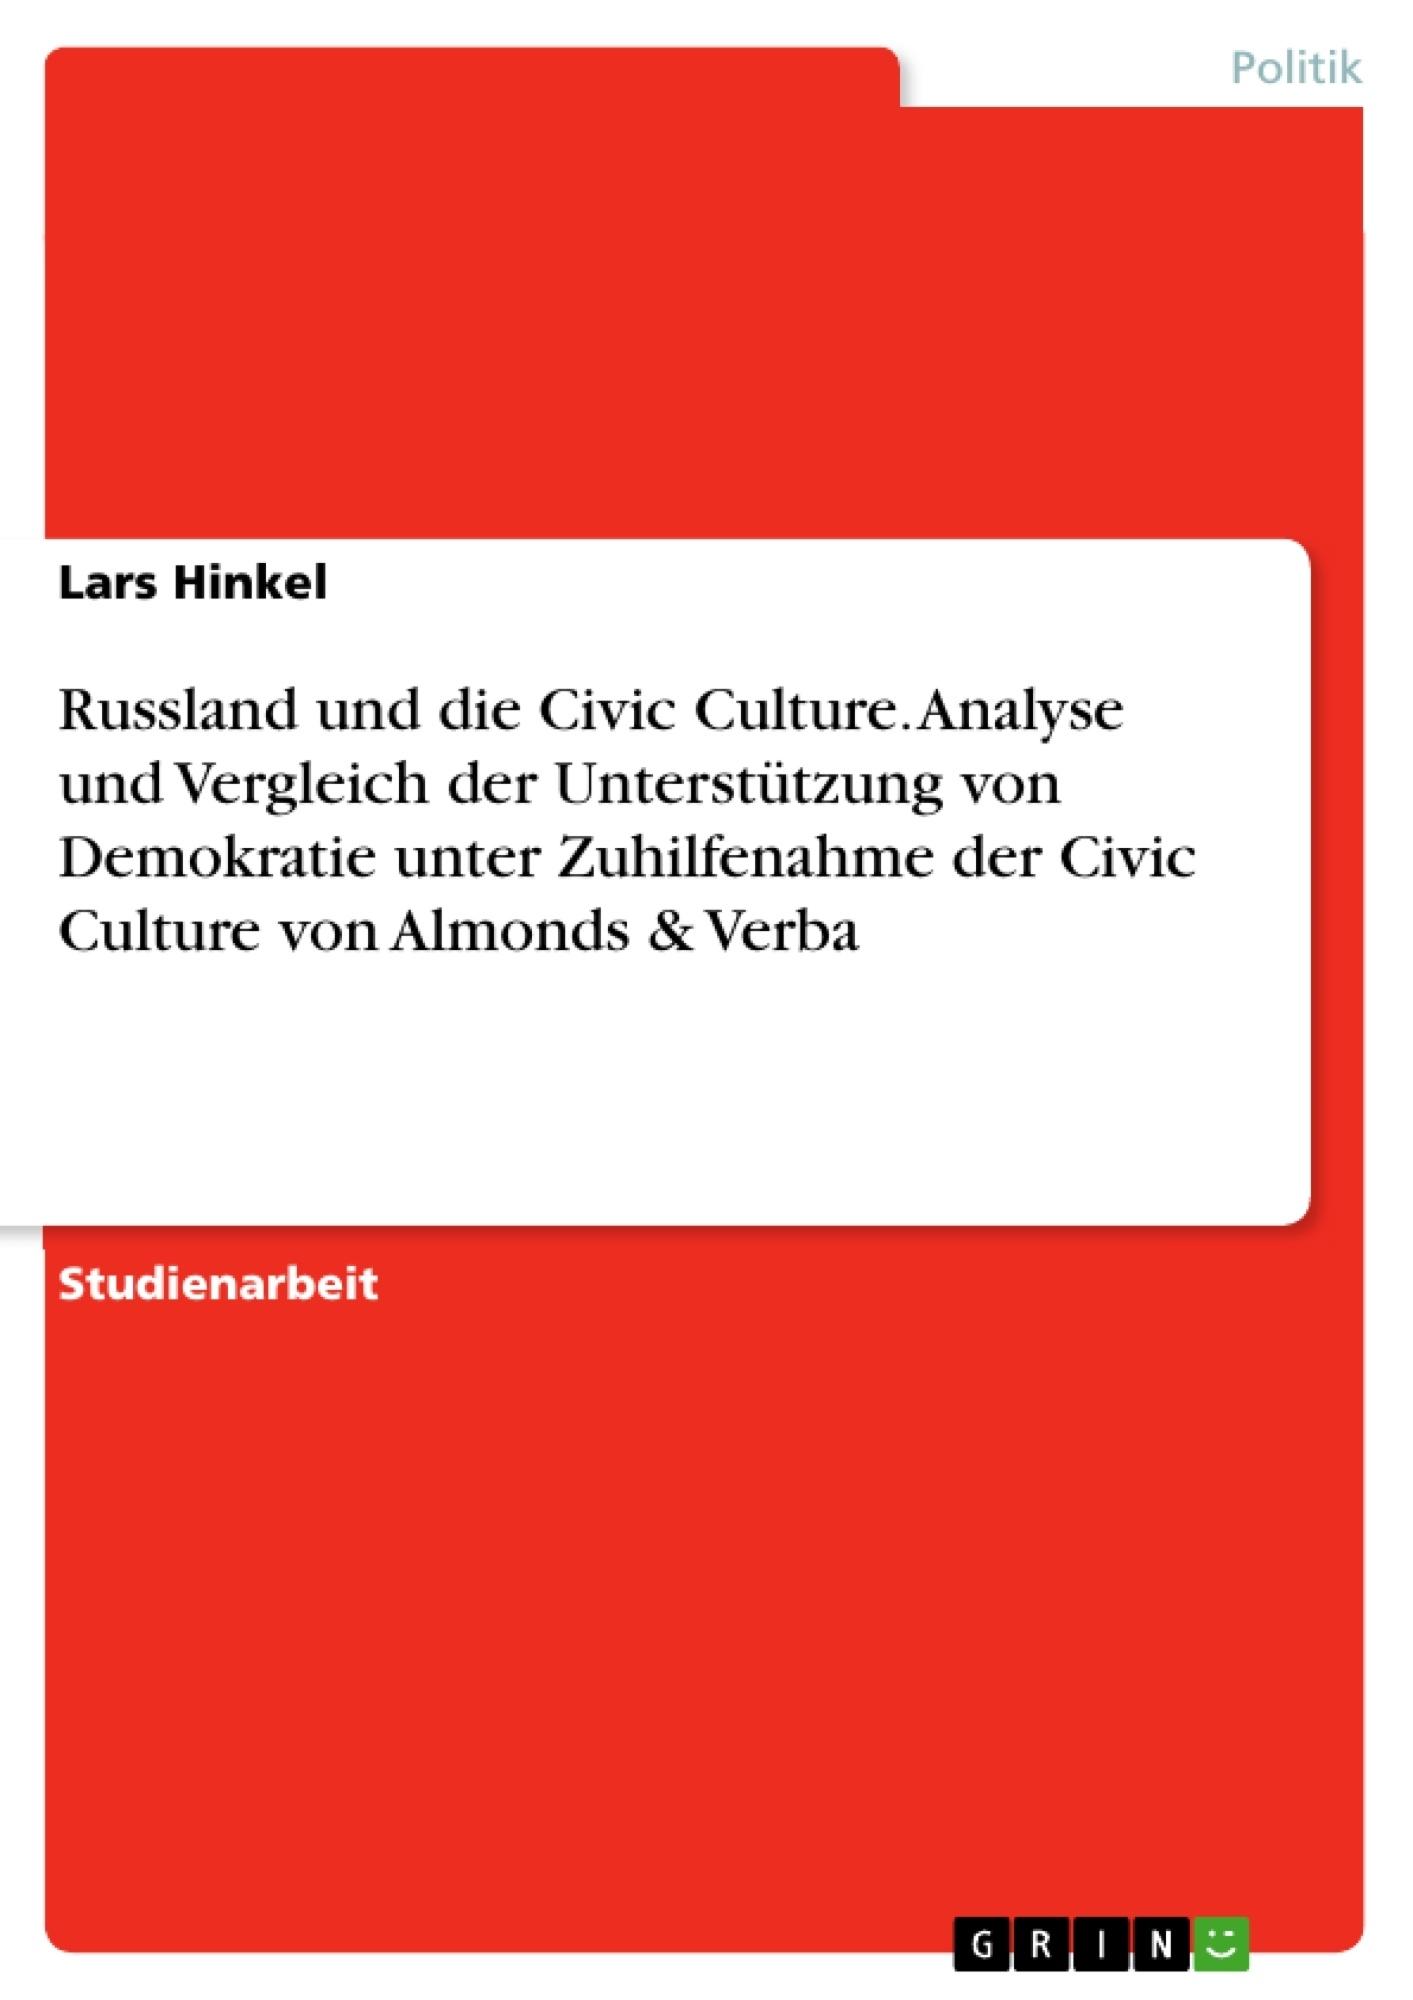 Titel: Russland und die Civic Culture. Analyse und Vergleich der Unterstützung von Demokratie unter Zuhilfenahme der Civic Culture von Almonds & Verba